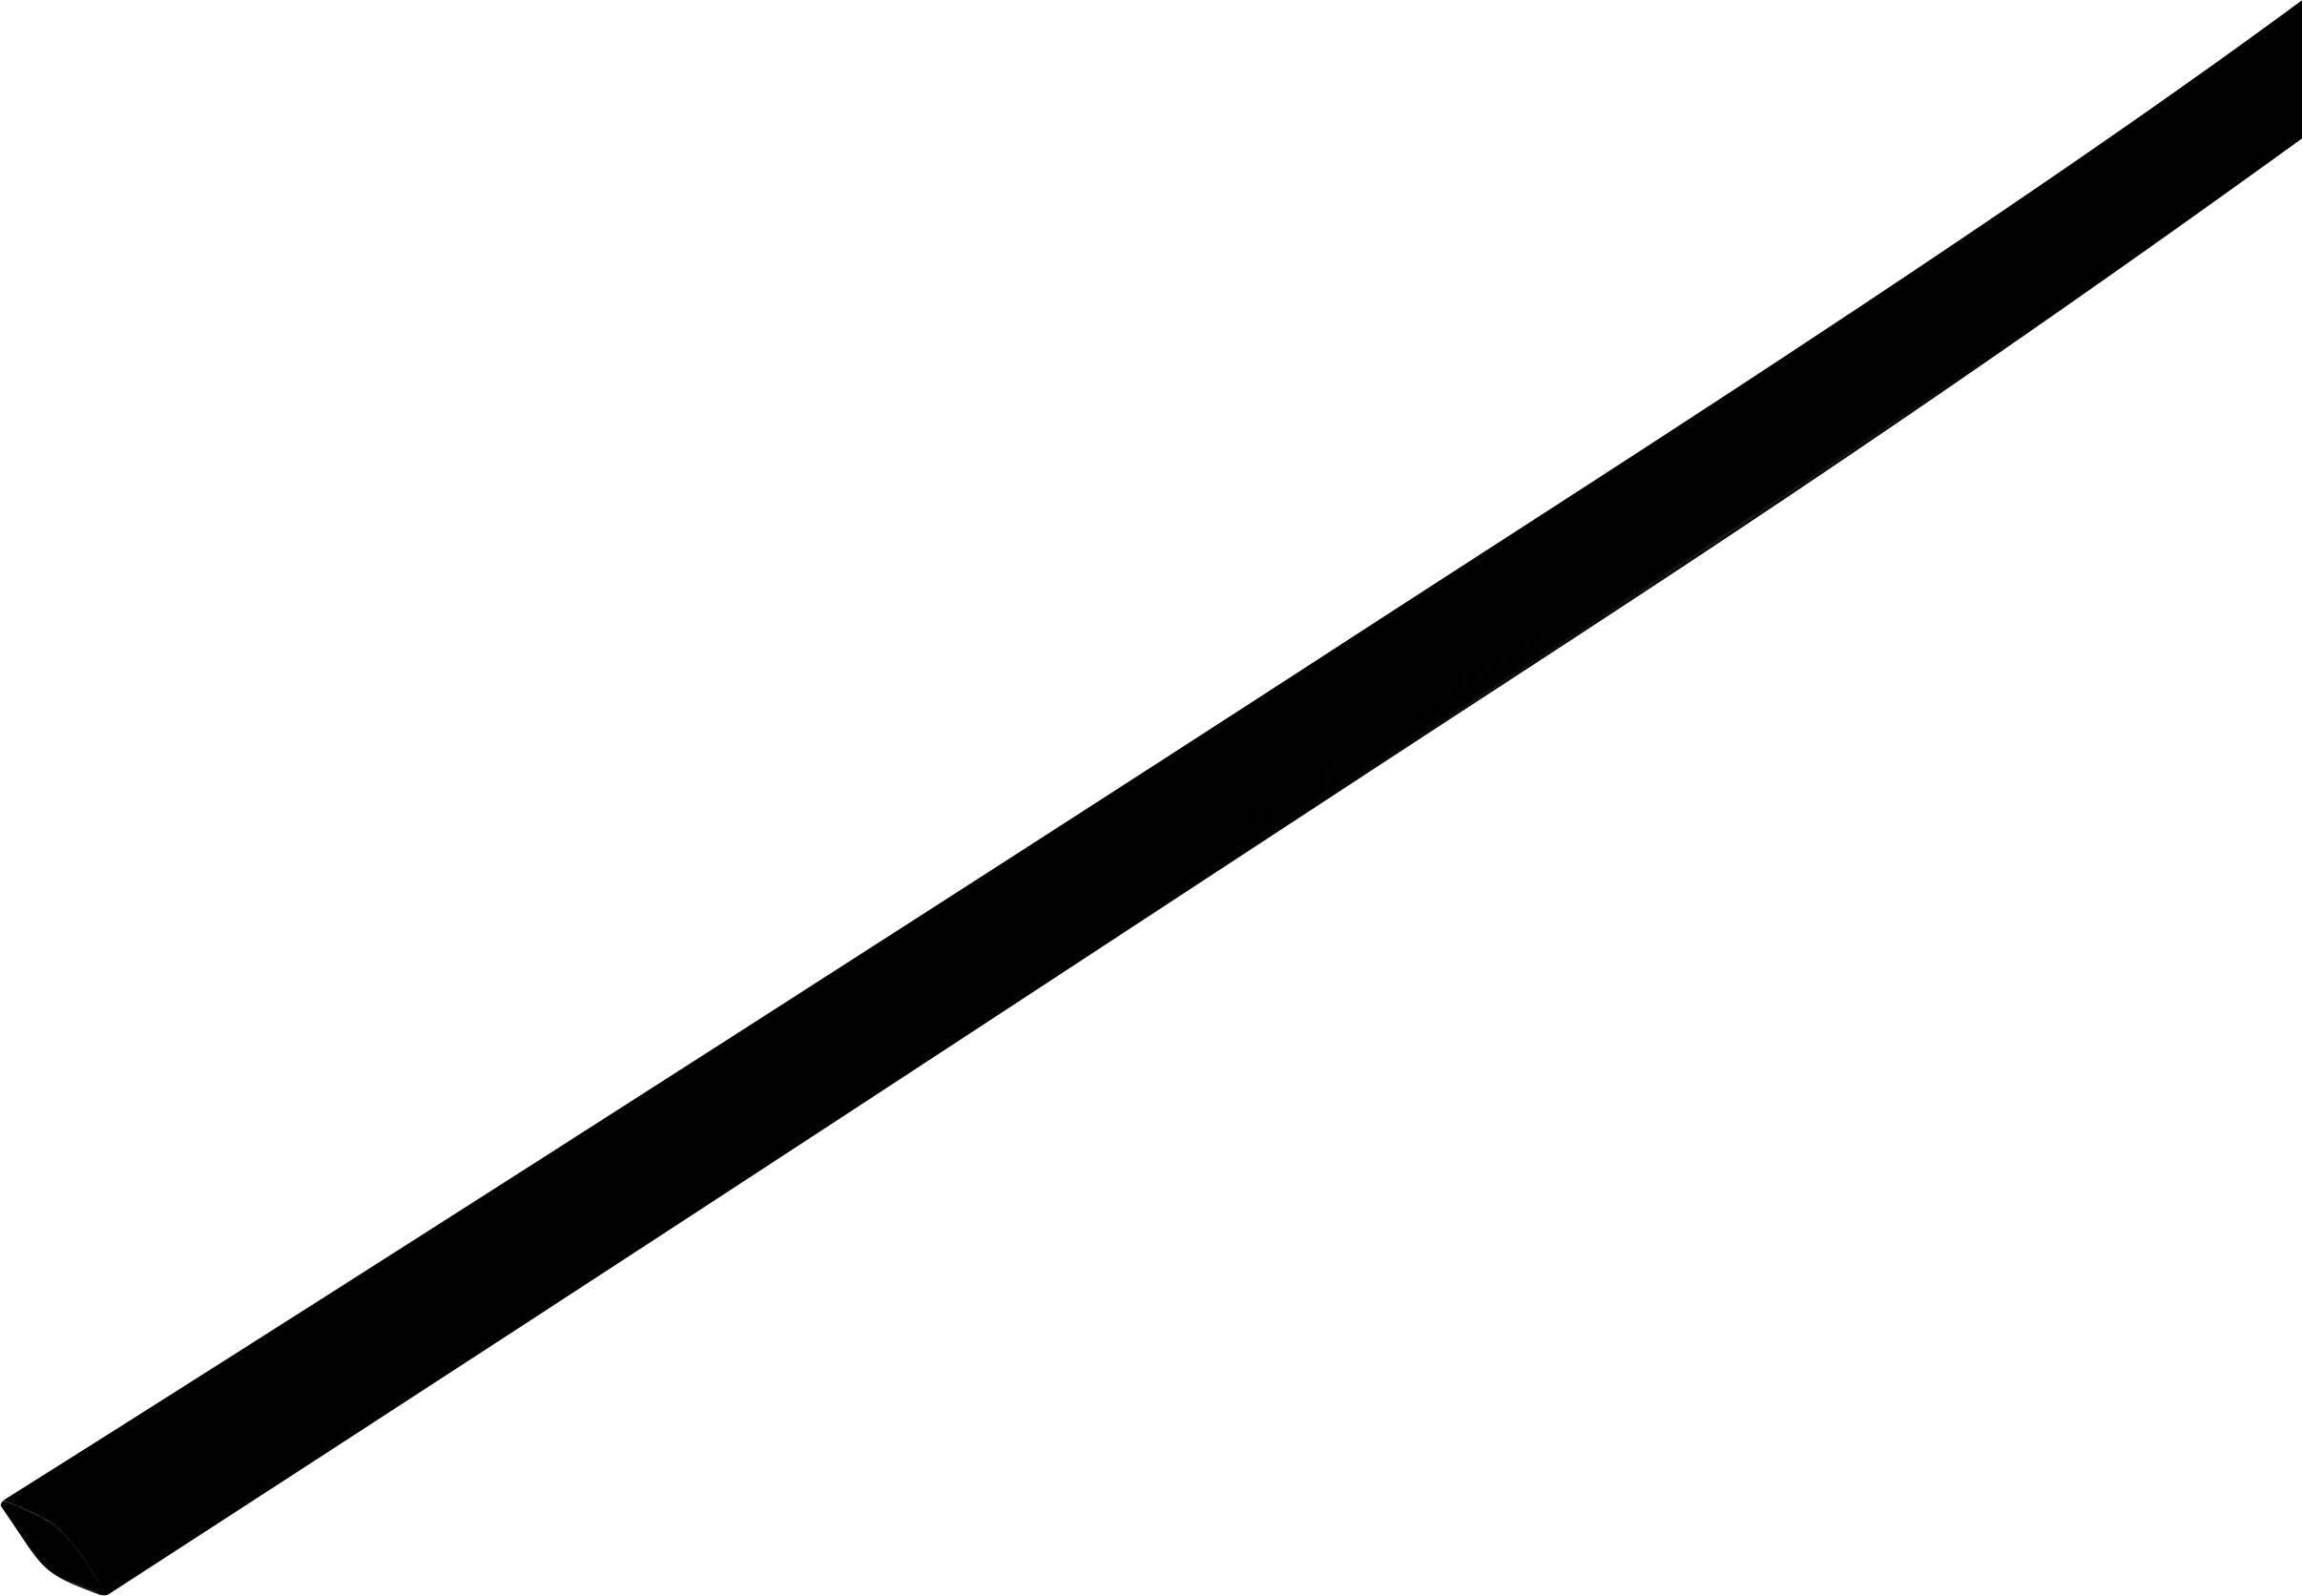 Zmršťovacie bužírky nelepiace 1225464, 2:1, 6.50 mm, čierna, metrový tovar